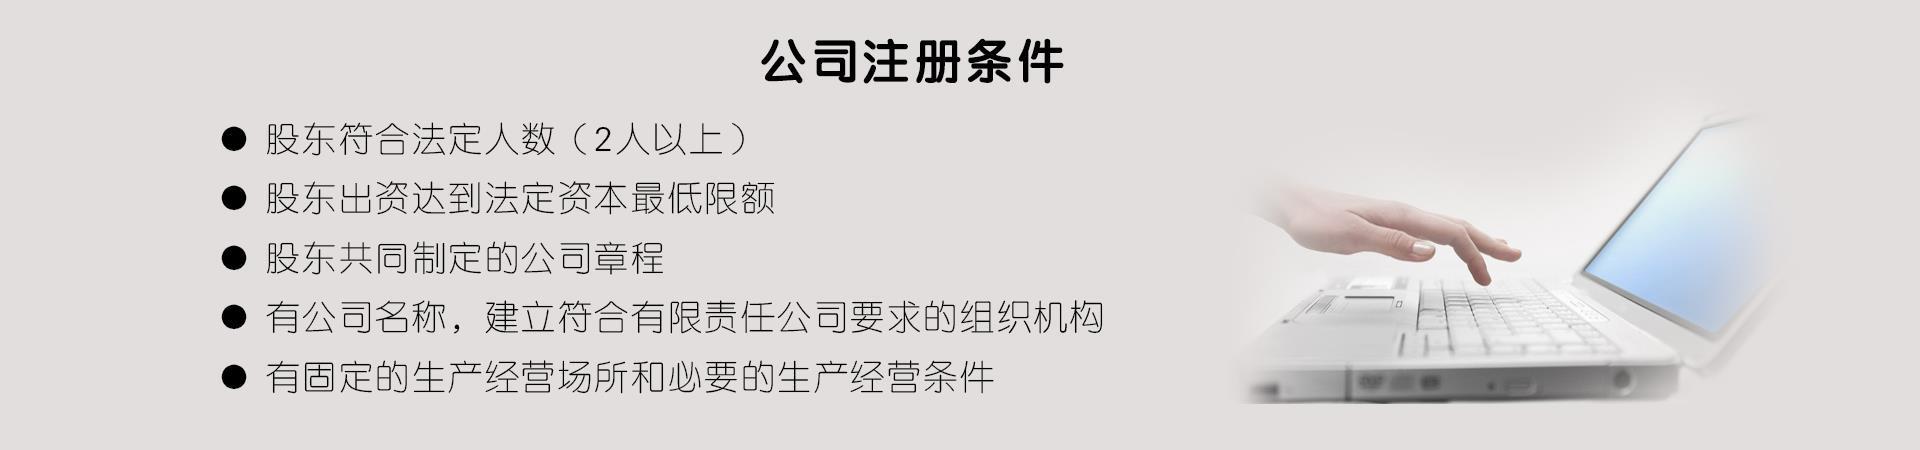 北京西城区公司注册需要什么条件